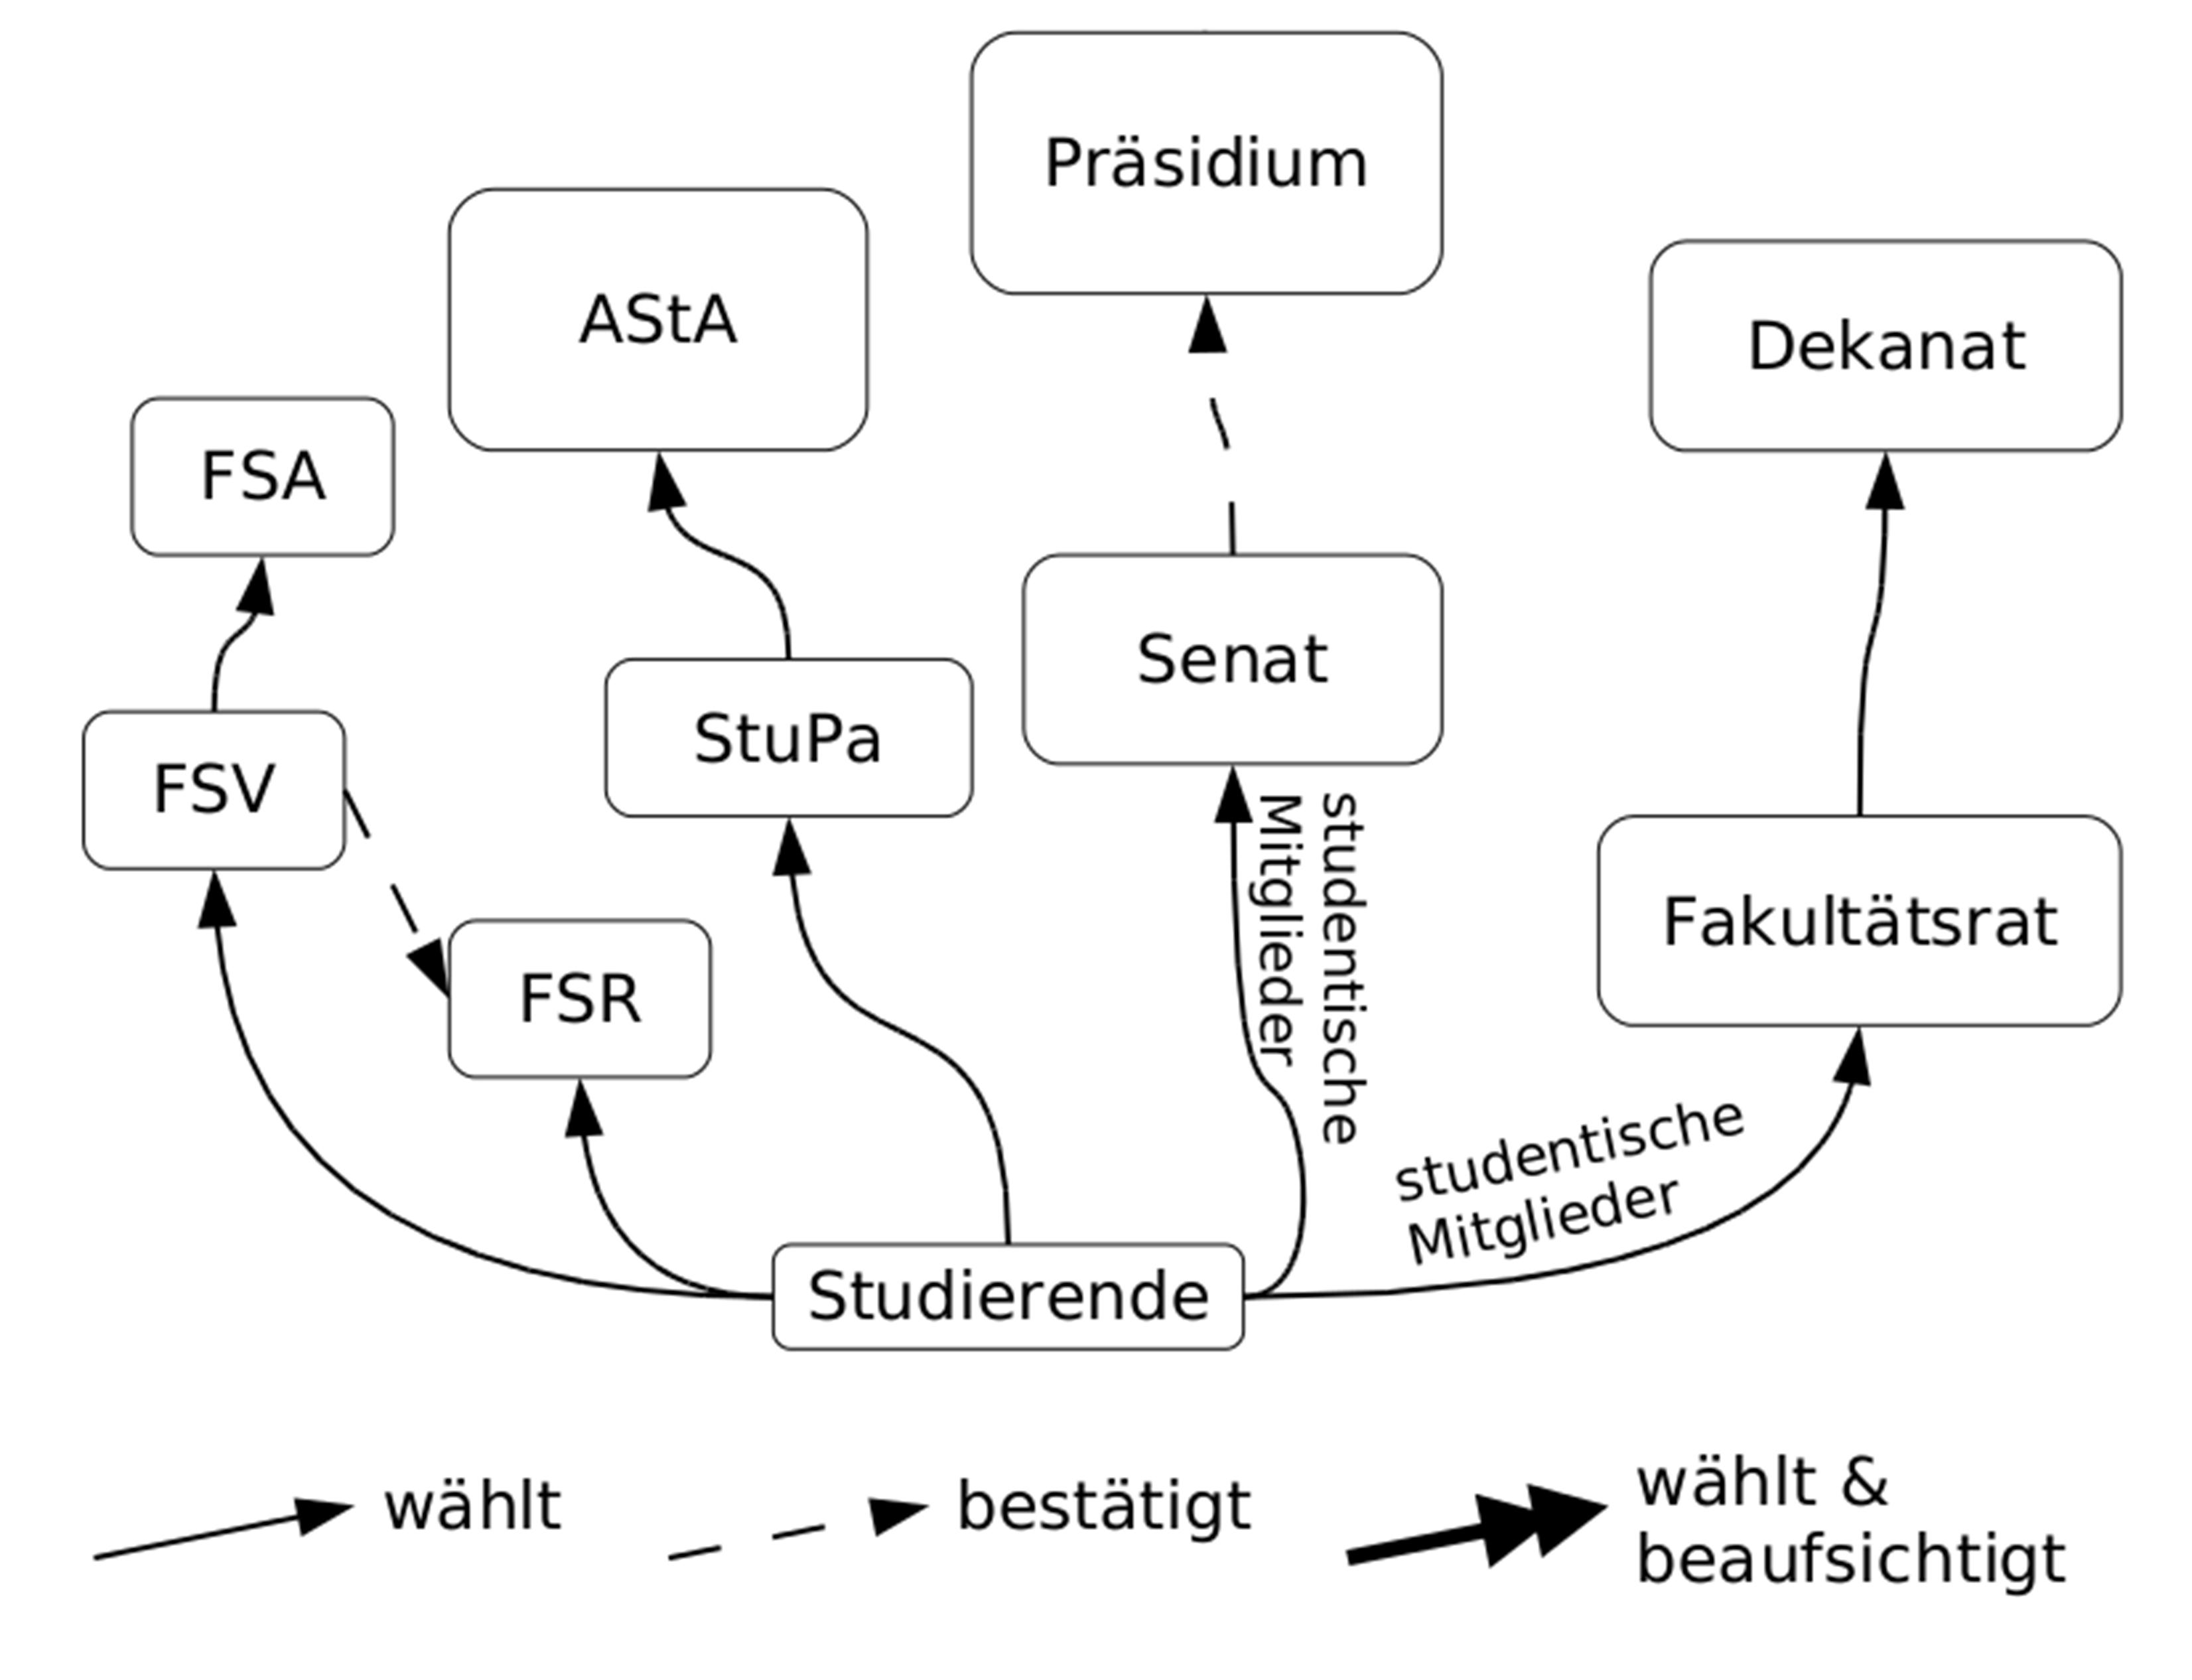 Grafik zum Aufbau der Studierendenschaft